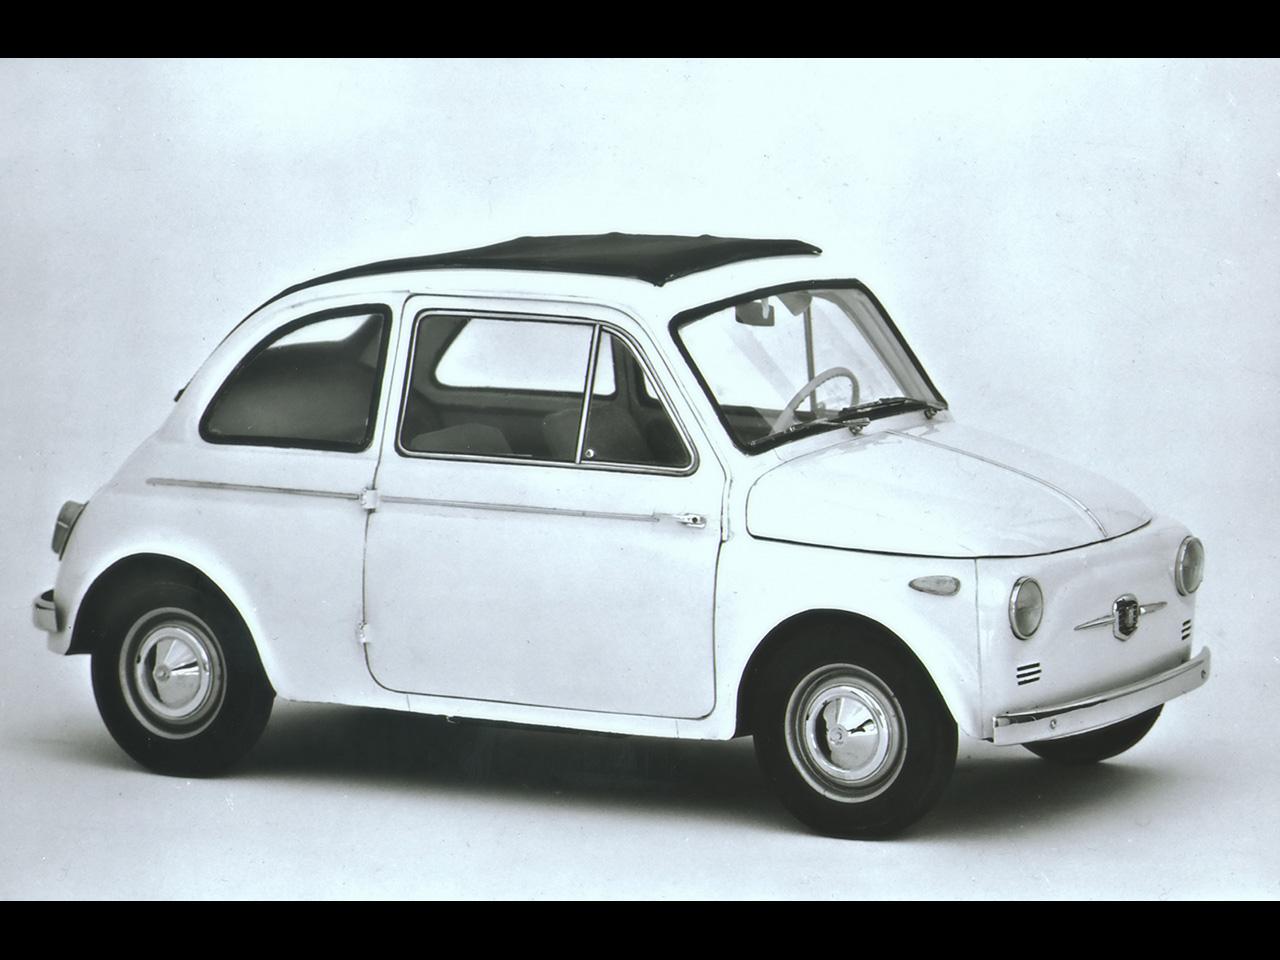 Fiat 500 Period Photos Wallpaper Download HD